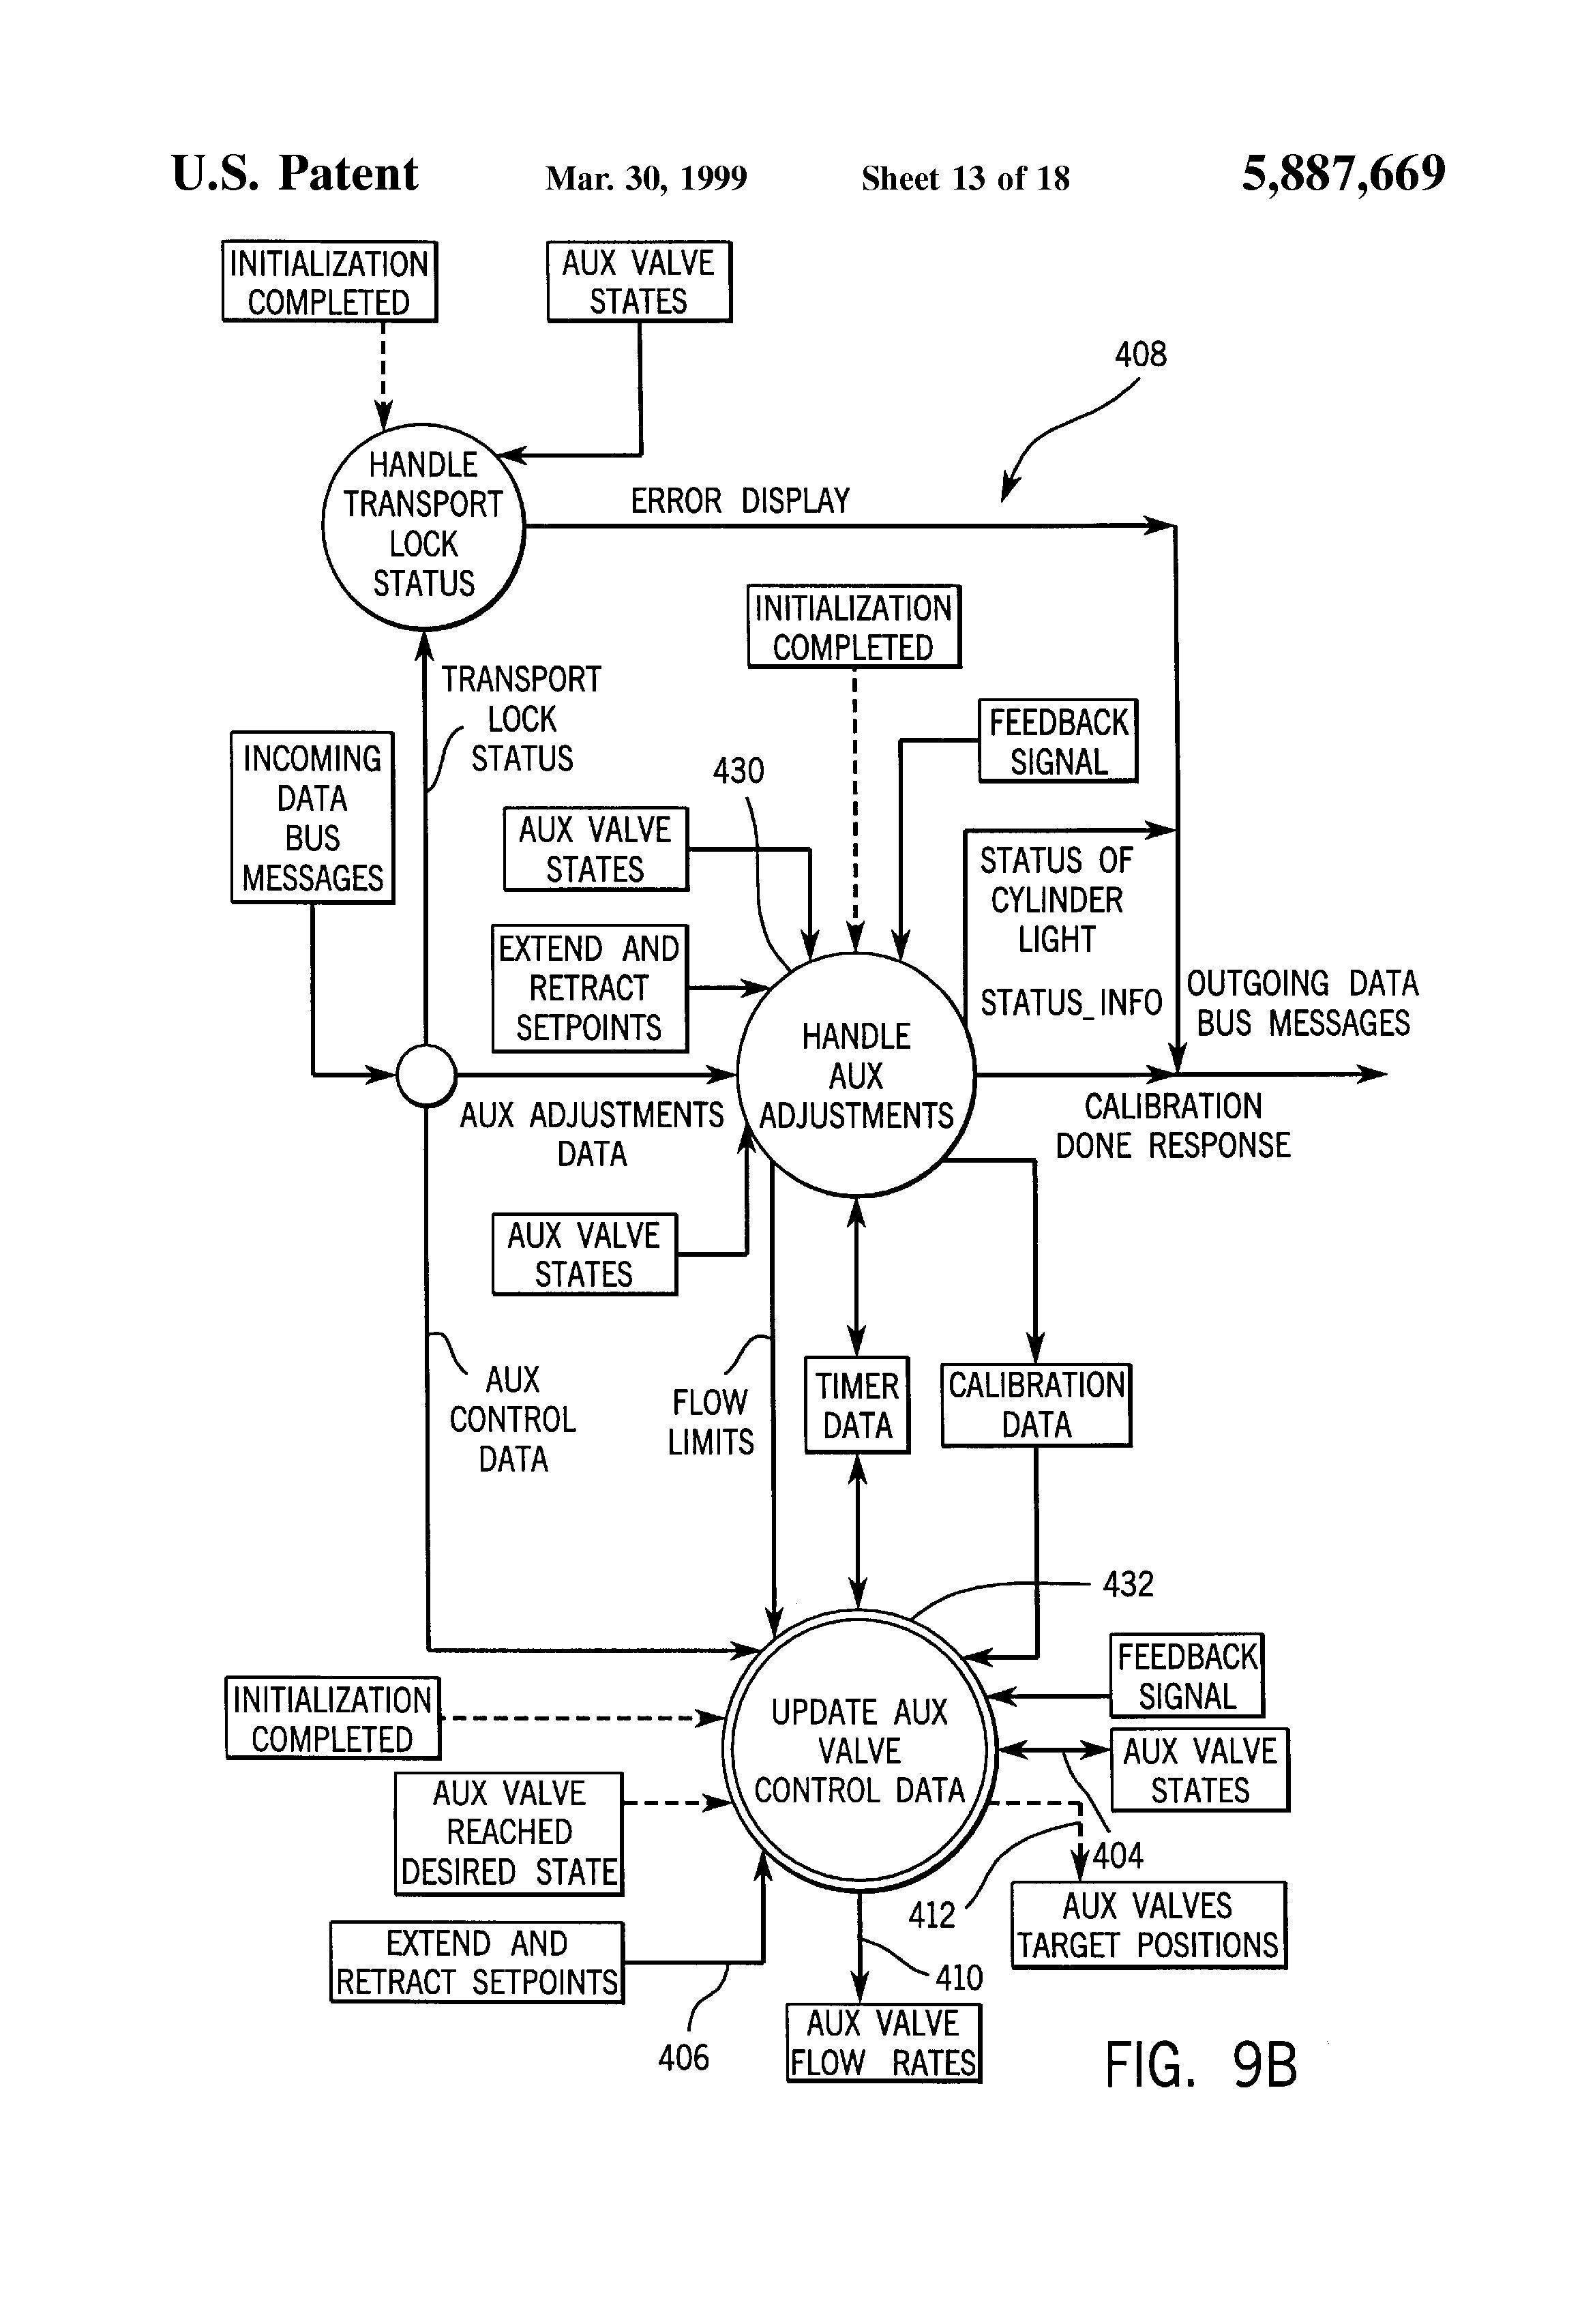 1945 John Deere Wiring Diagram - Trusted Wiring Diagrams • - John Deere Ignition Switch Wiring Diagram